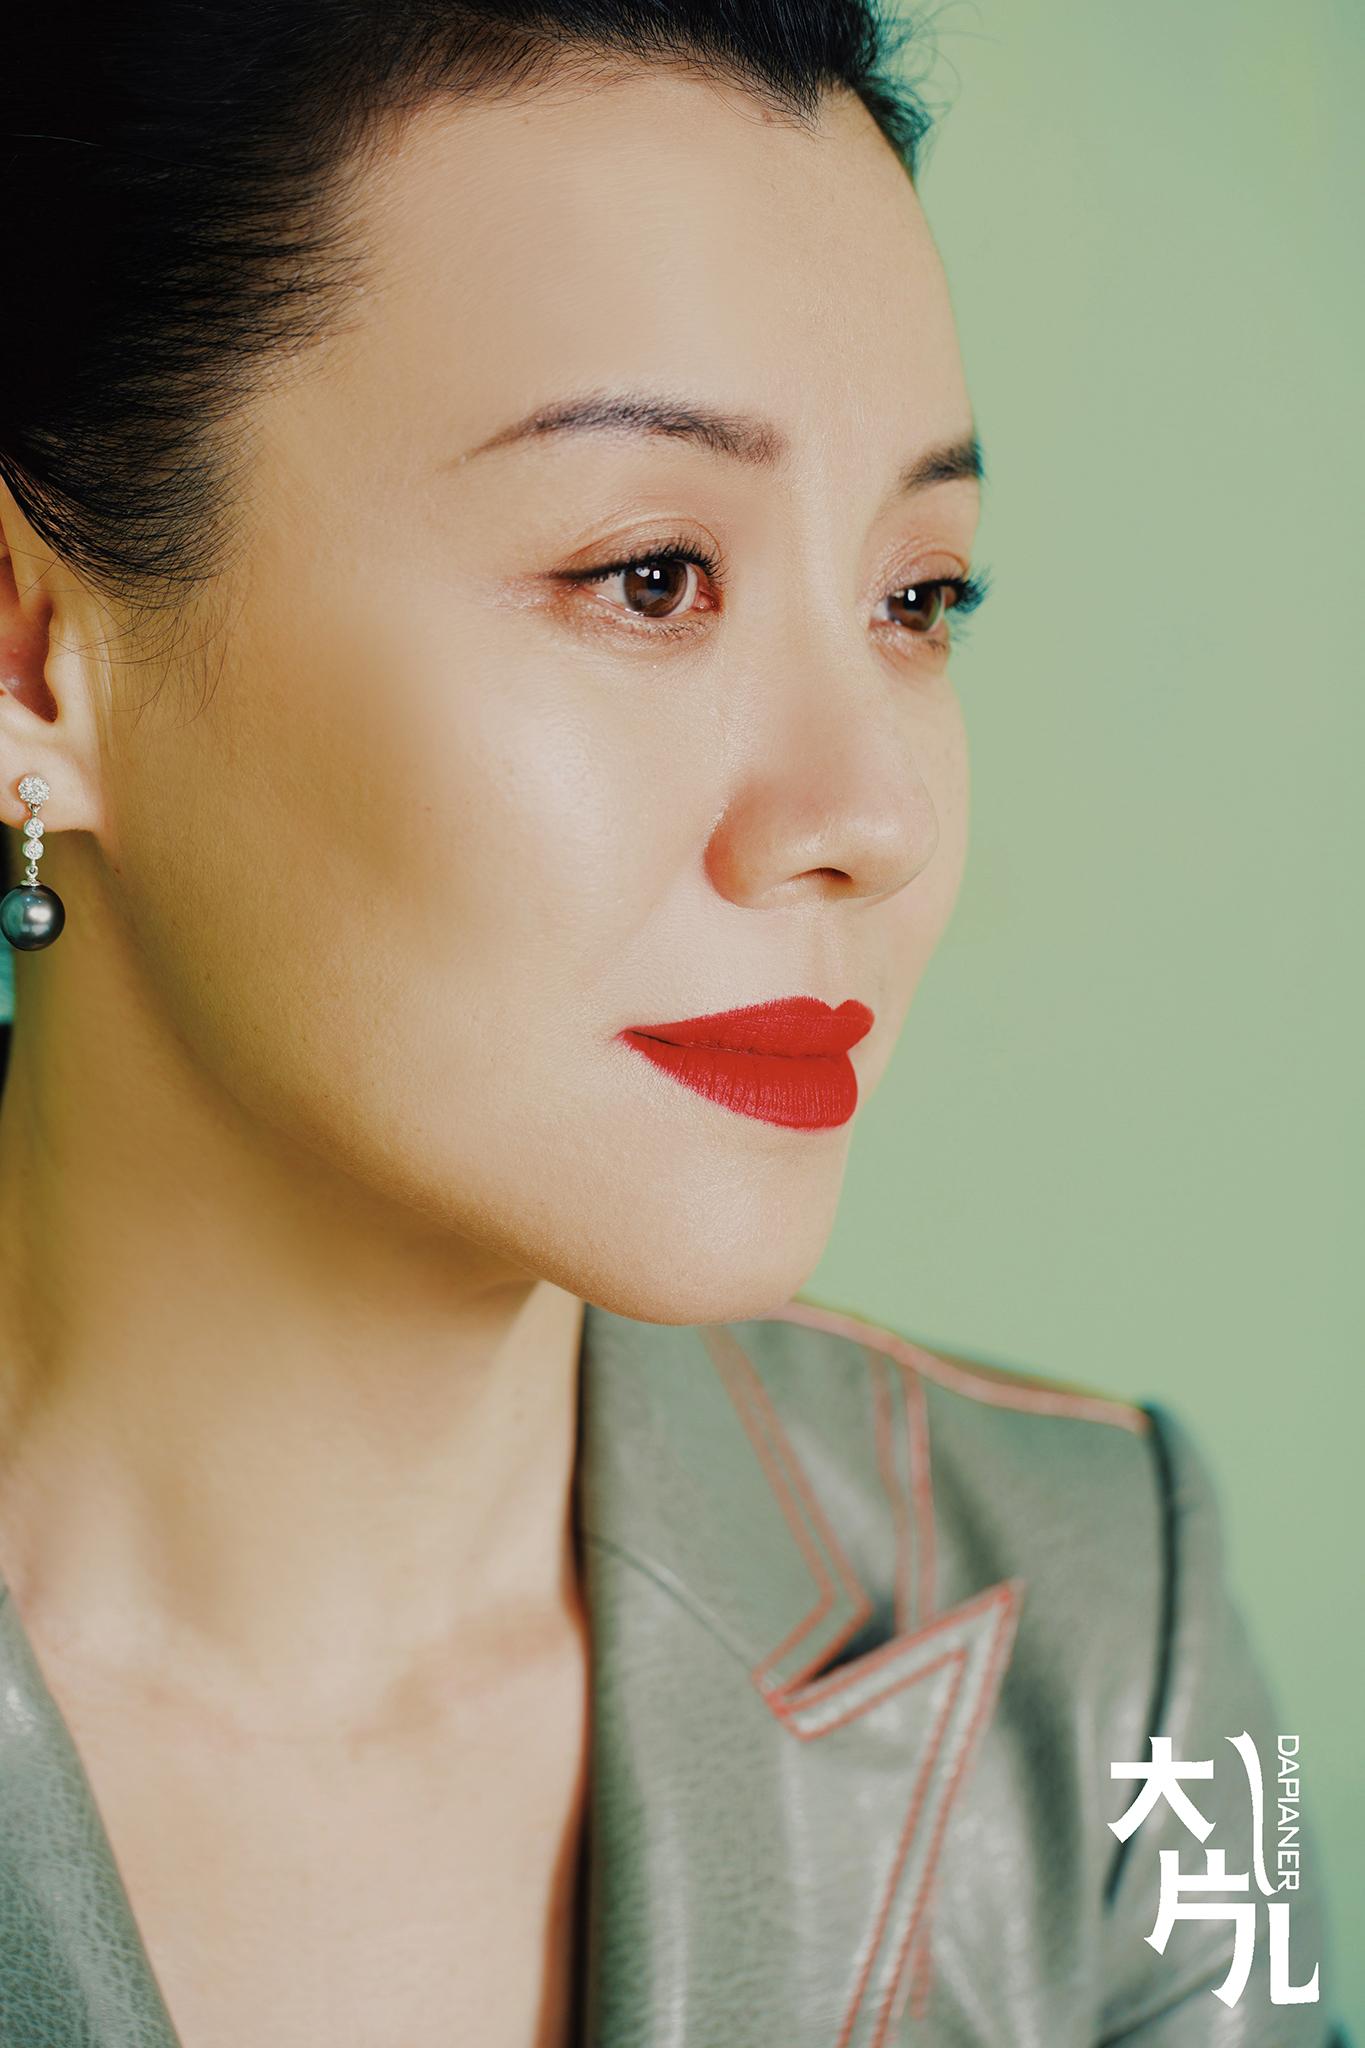 刘琳时尚大片可柔可飒玩转光影演绎唯美风情_造型